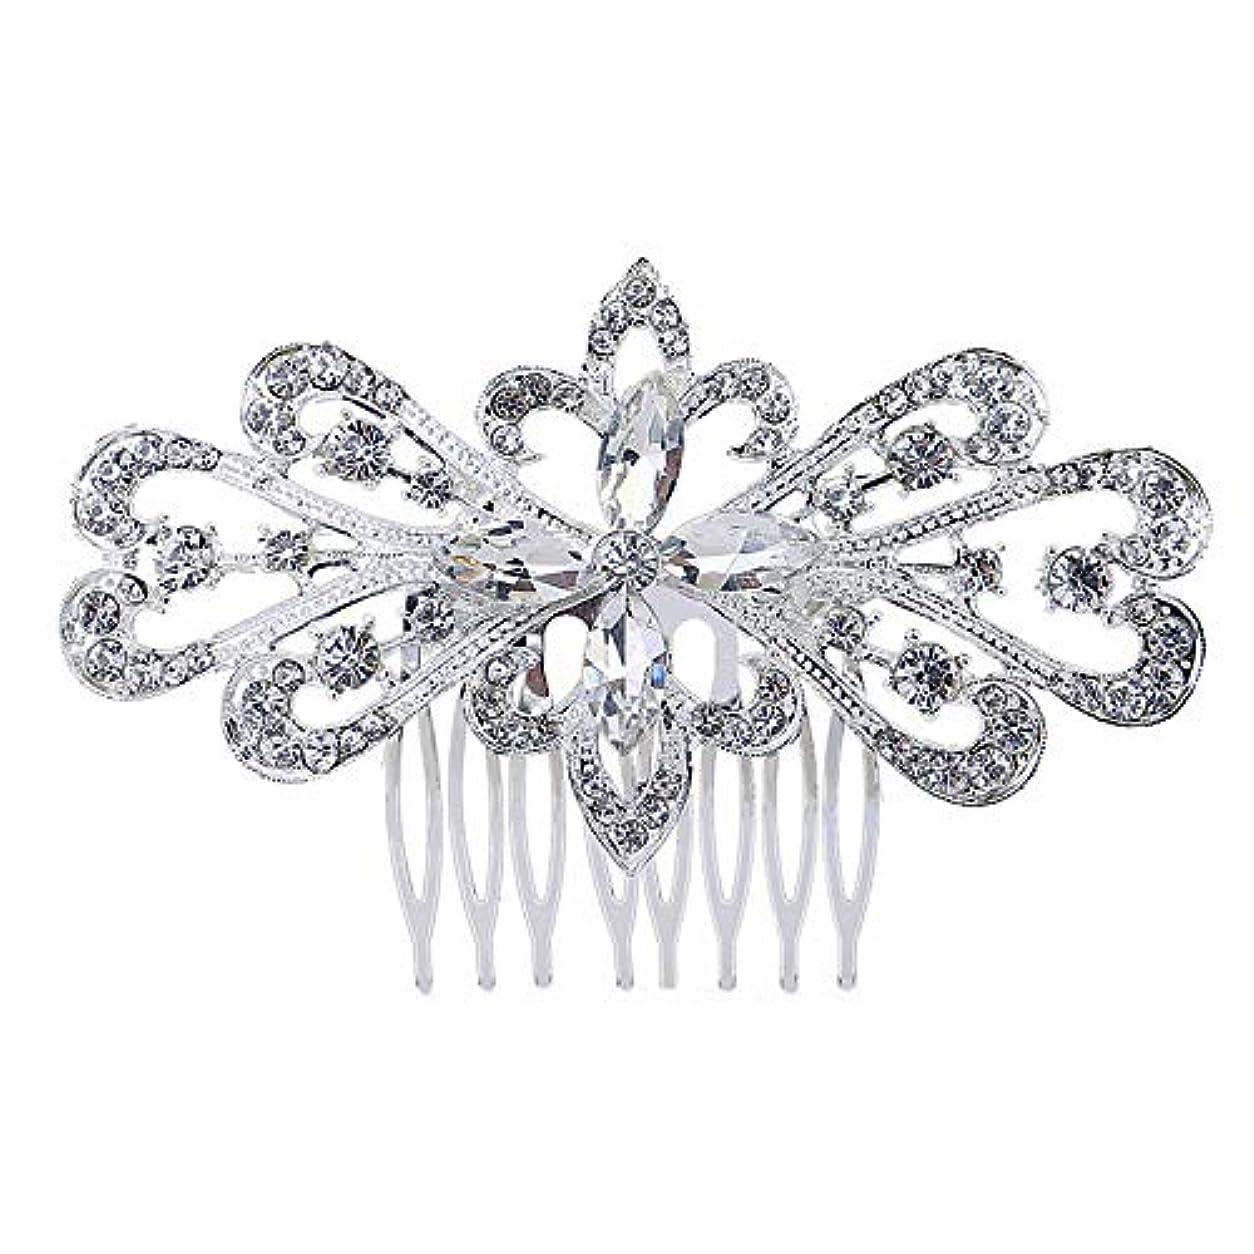 はいかすかなヘルシー髪の櫛の櫛の櫛の花嫁の髪の櫛の花の髪の櫛のラインストーンの挿入物の櫛の合金の帽子の結婚式のアクセサリー